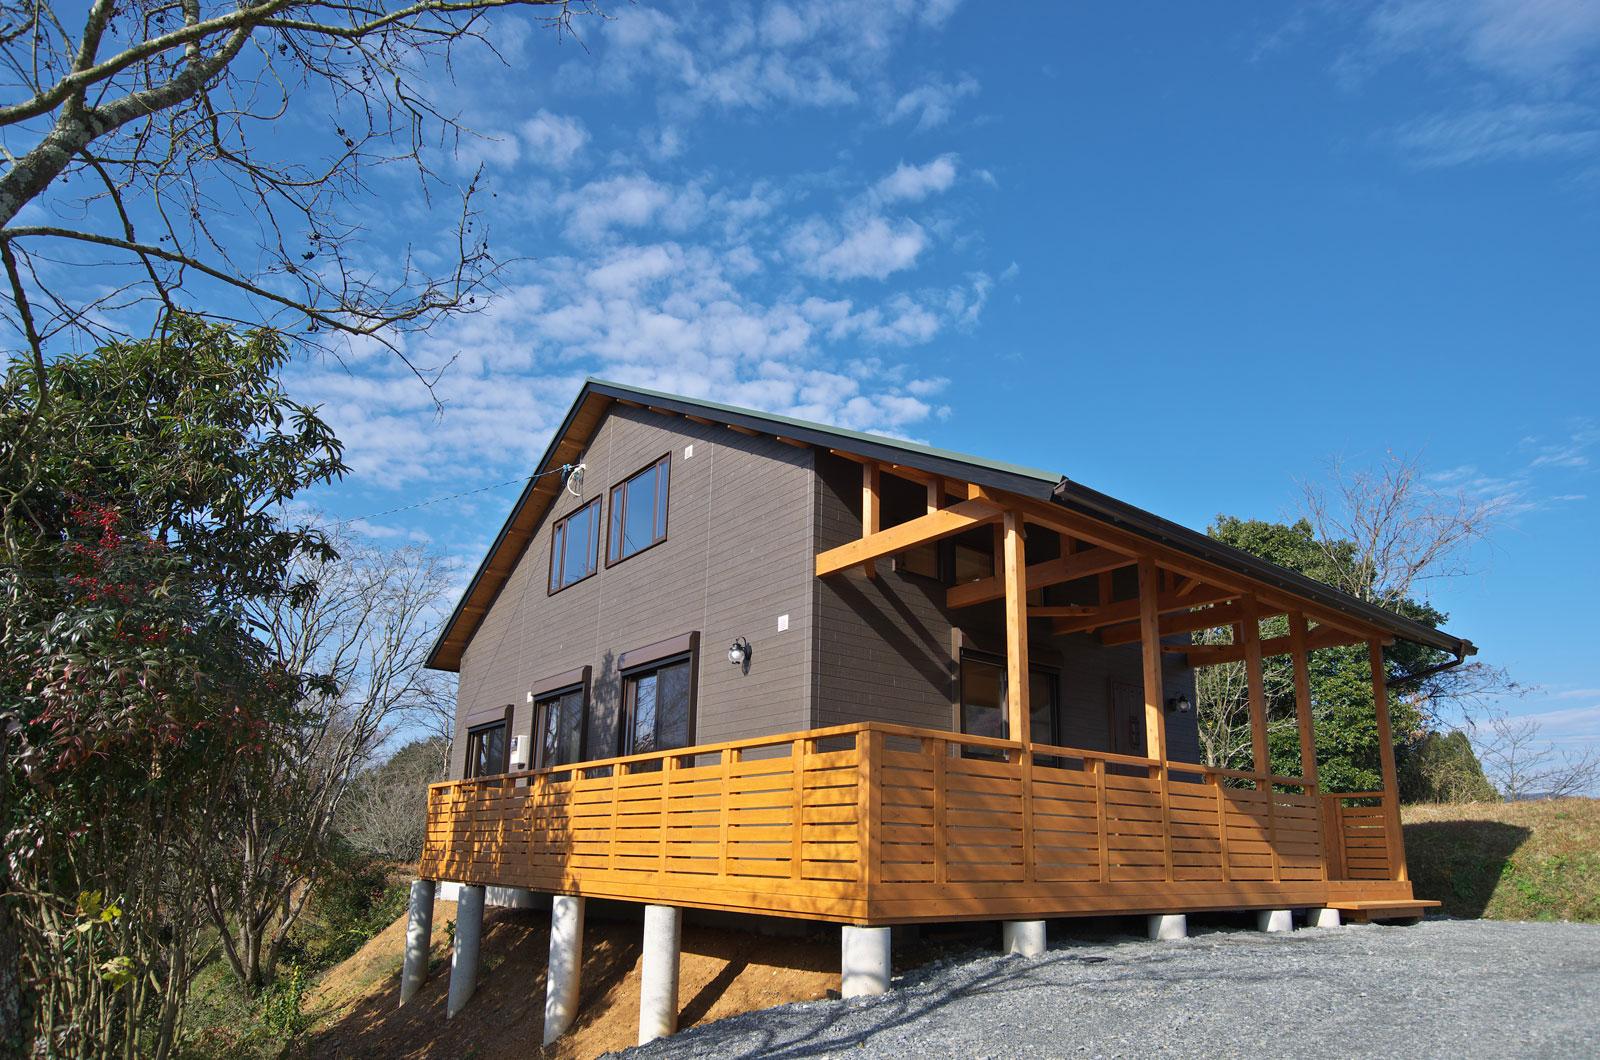 大きく張り出した屋根のあるウッドデッキで天気を気にせずバーベキューも楽しめますね。